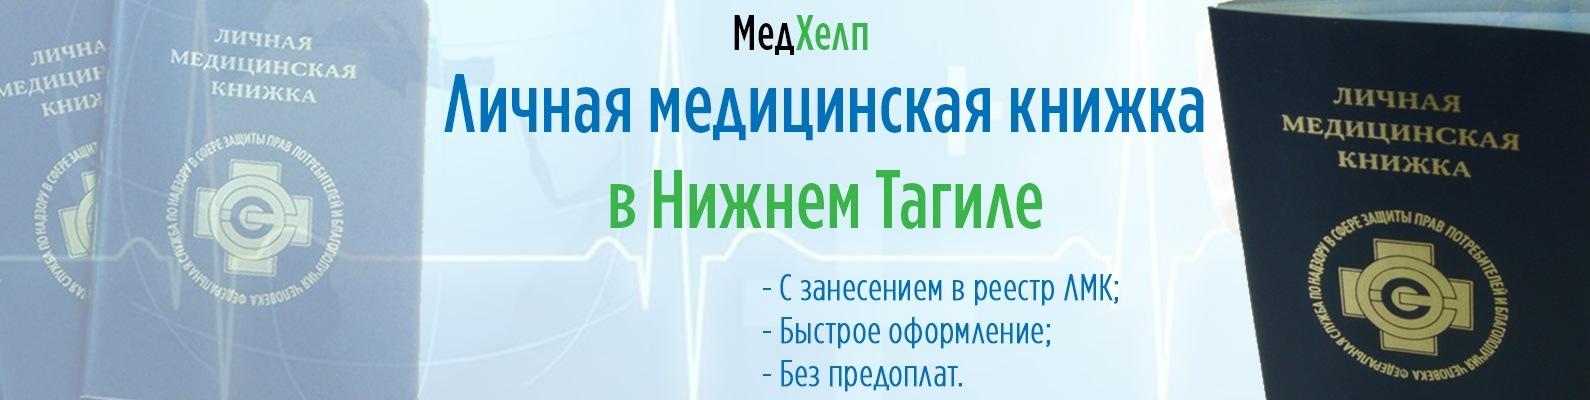 Медицинская книжка в Электроуглях без анализов